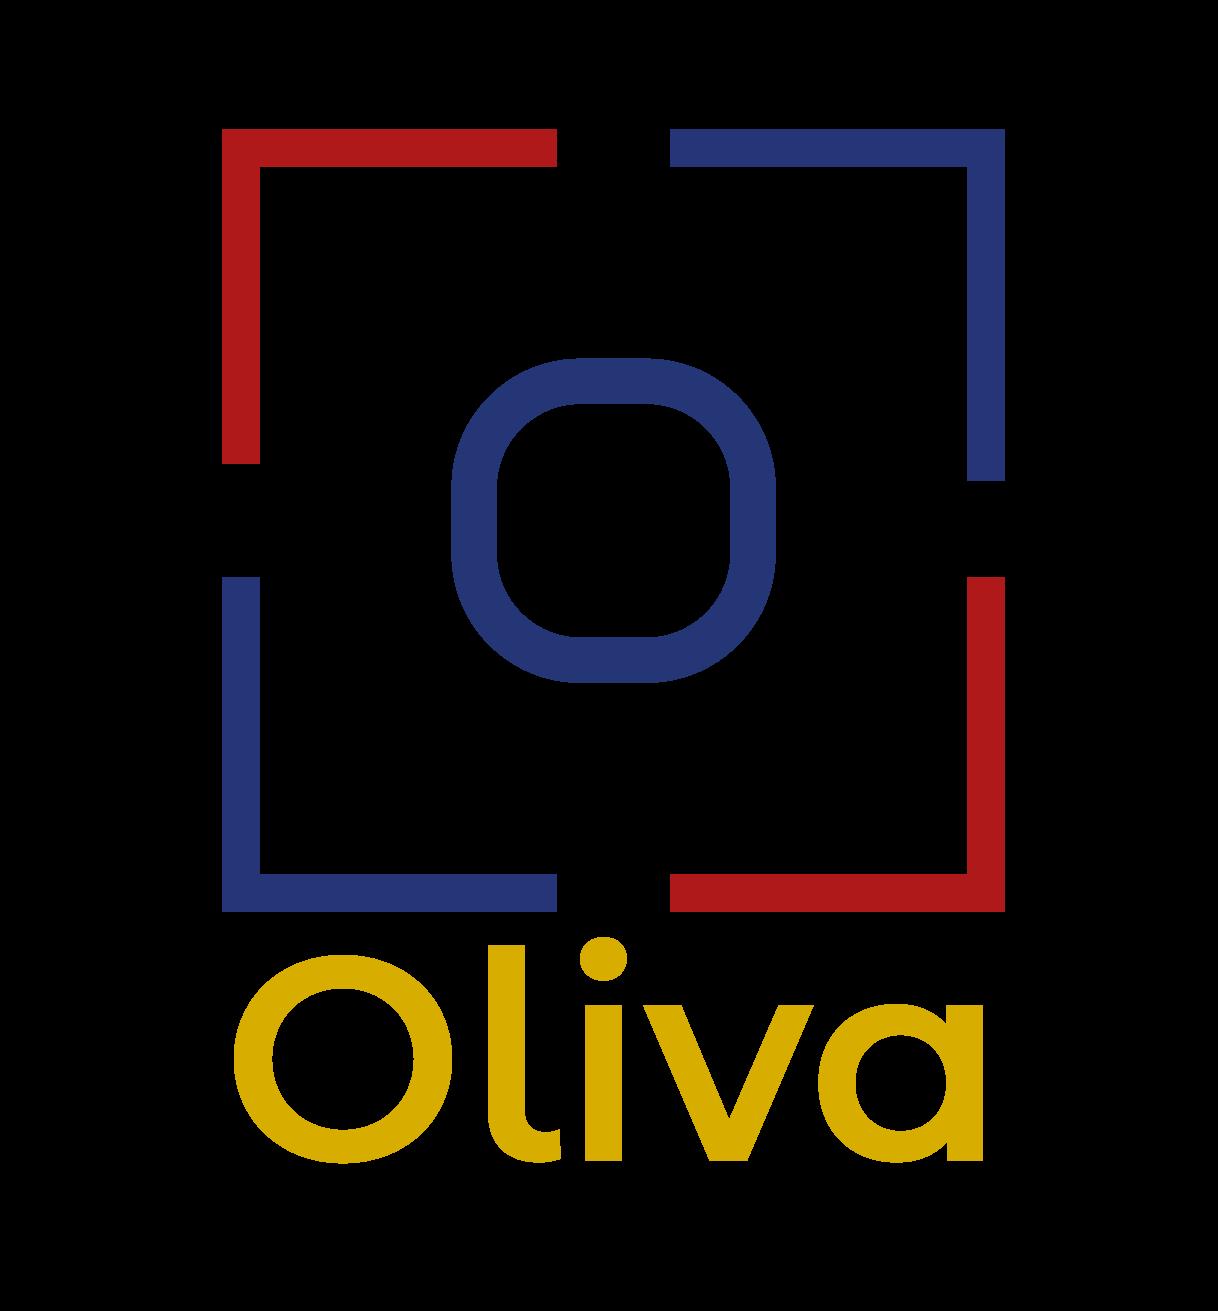 Oliva srl